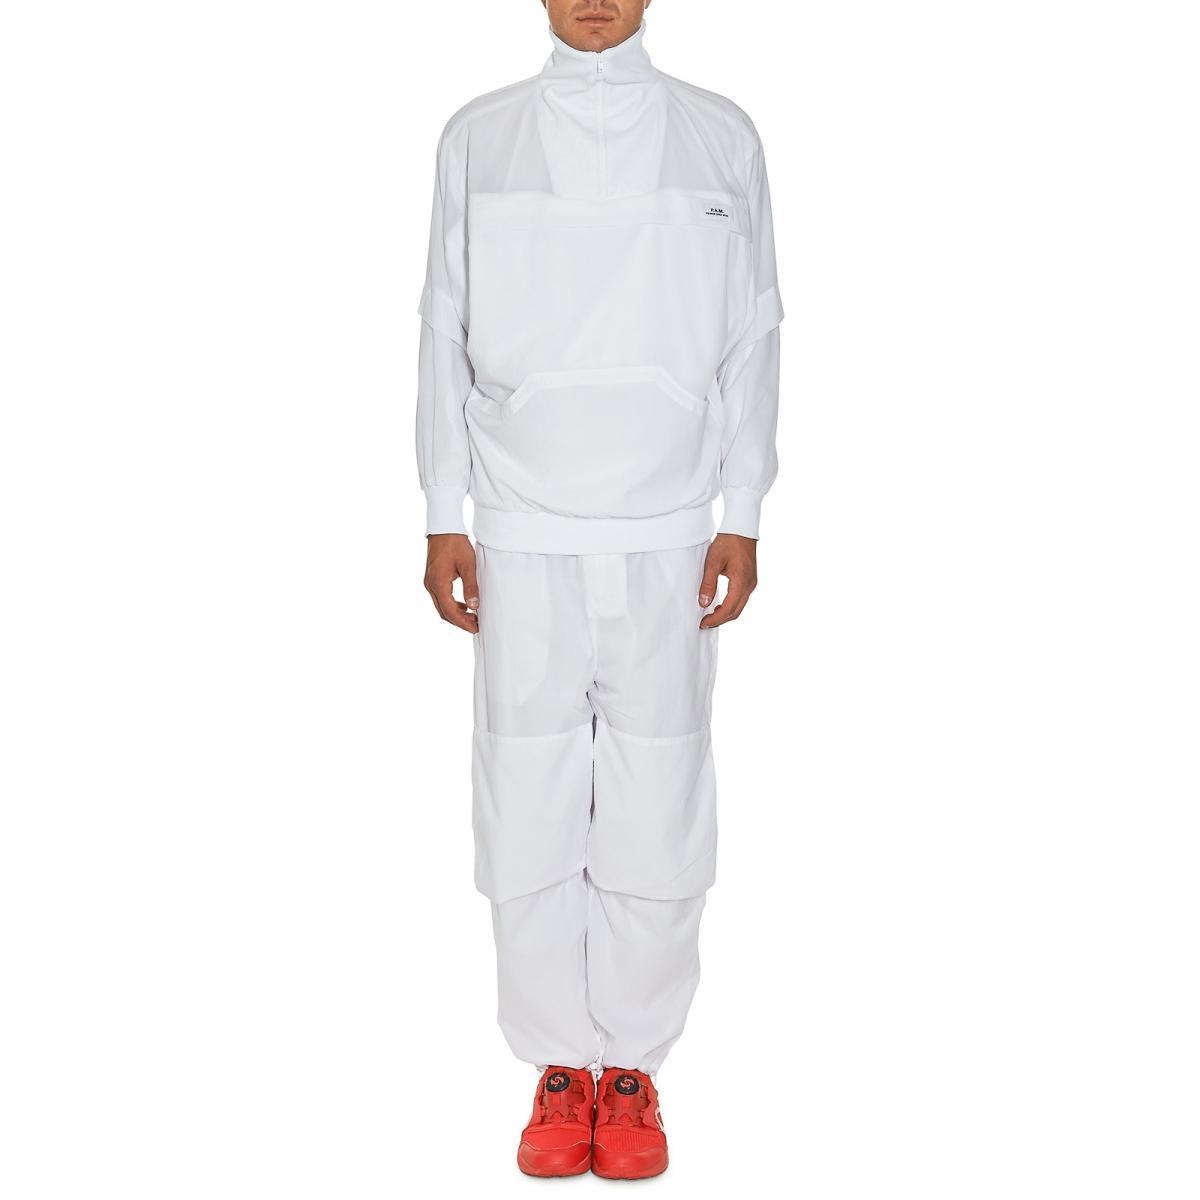 Pam Aktiv Plain Jacket in White for Men